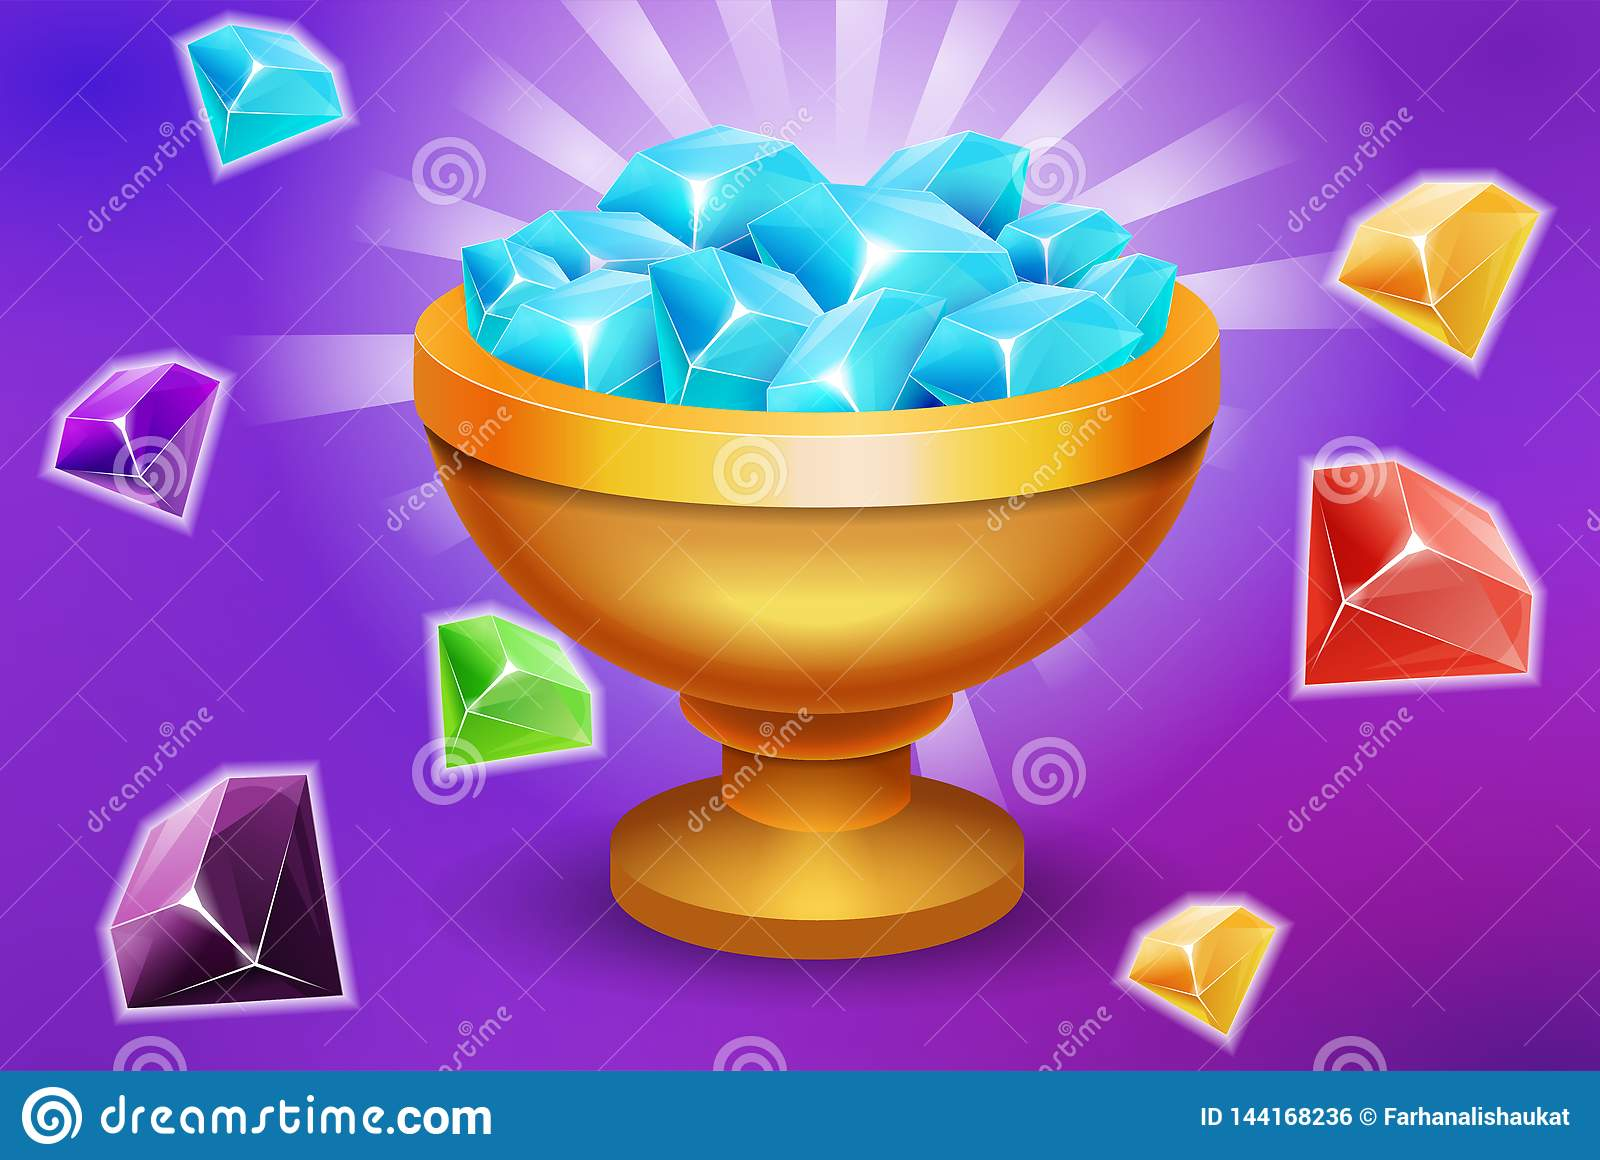 Trofeum pełno klejnotów, kamieni elementu gemowe wartości dla i